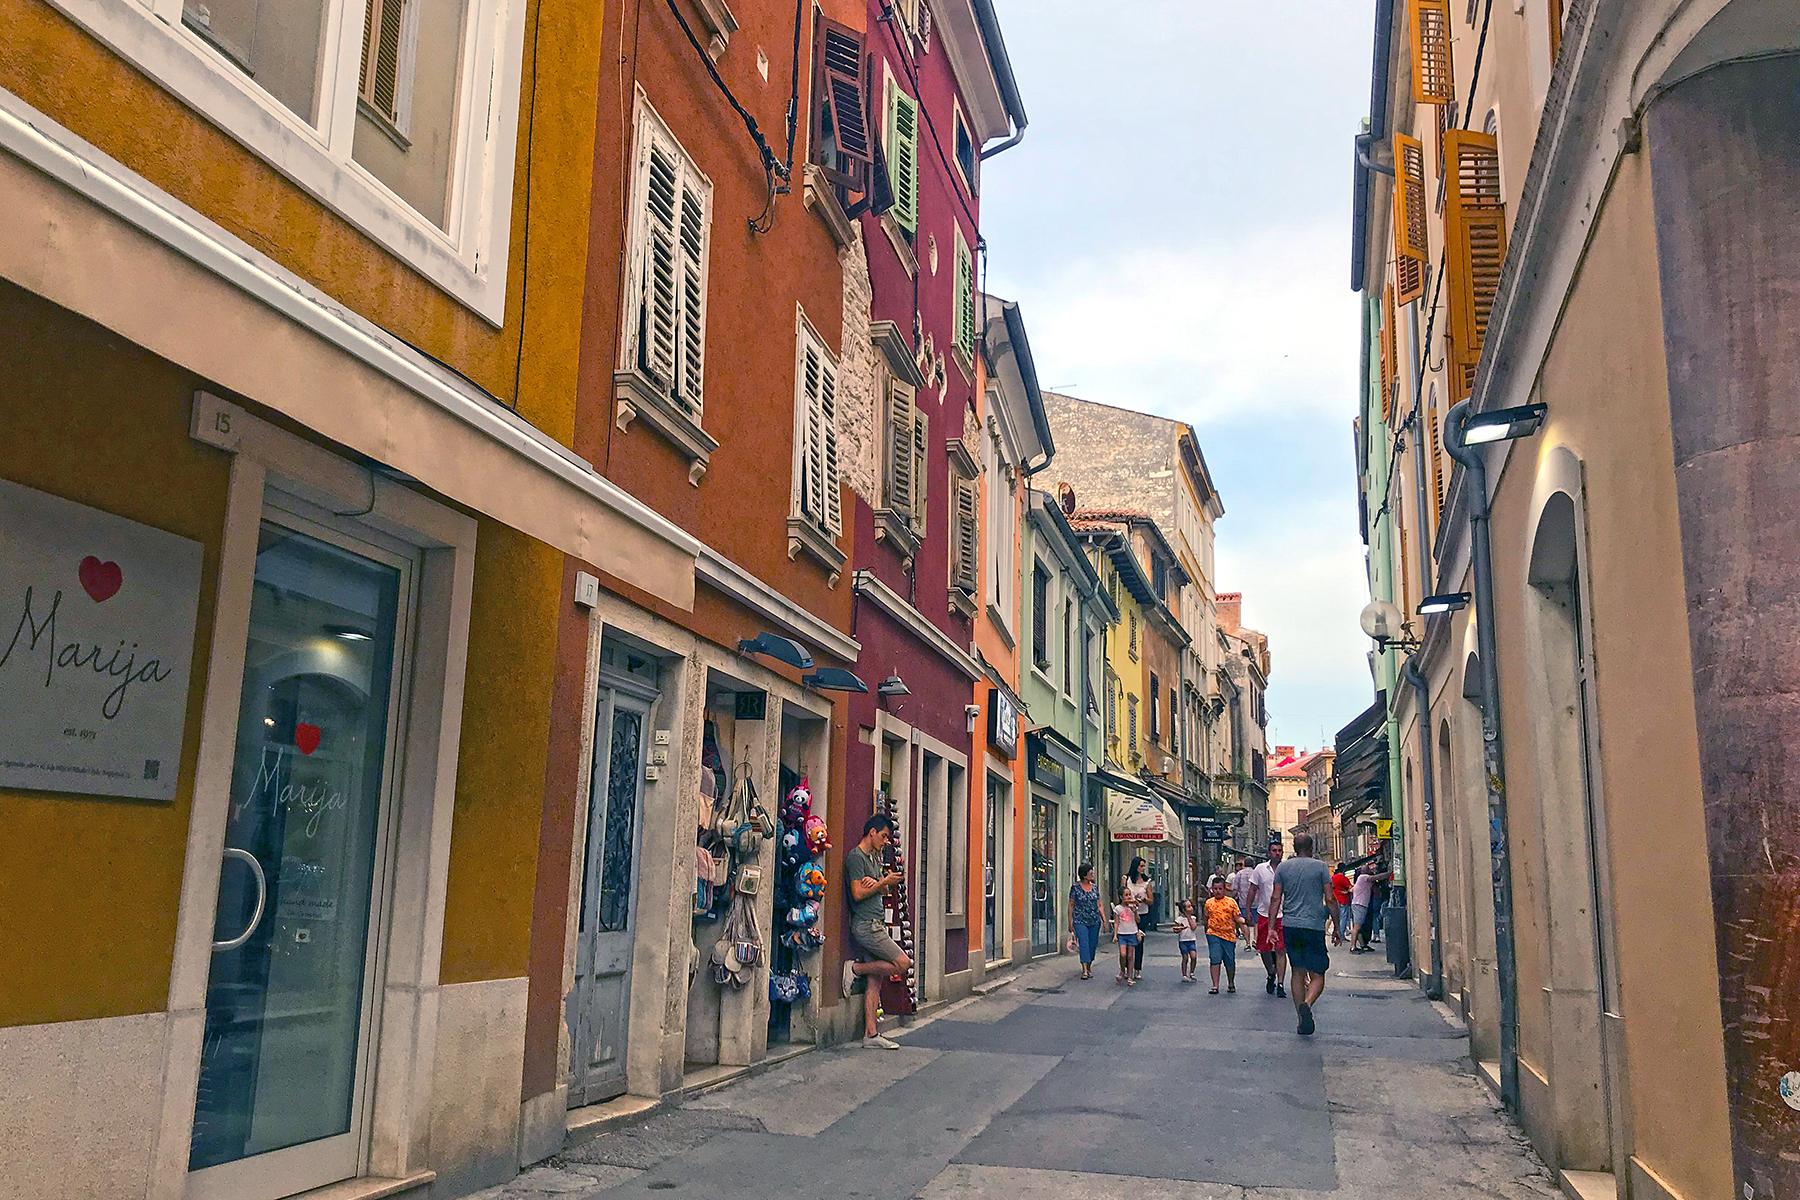 Insidertipps für Pula: 9 Highlights, die man in Pula nicht verpassen darf